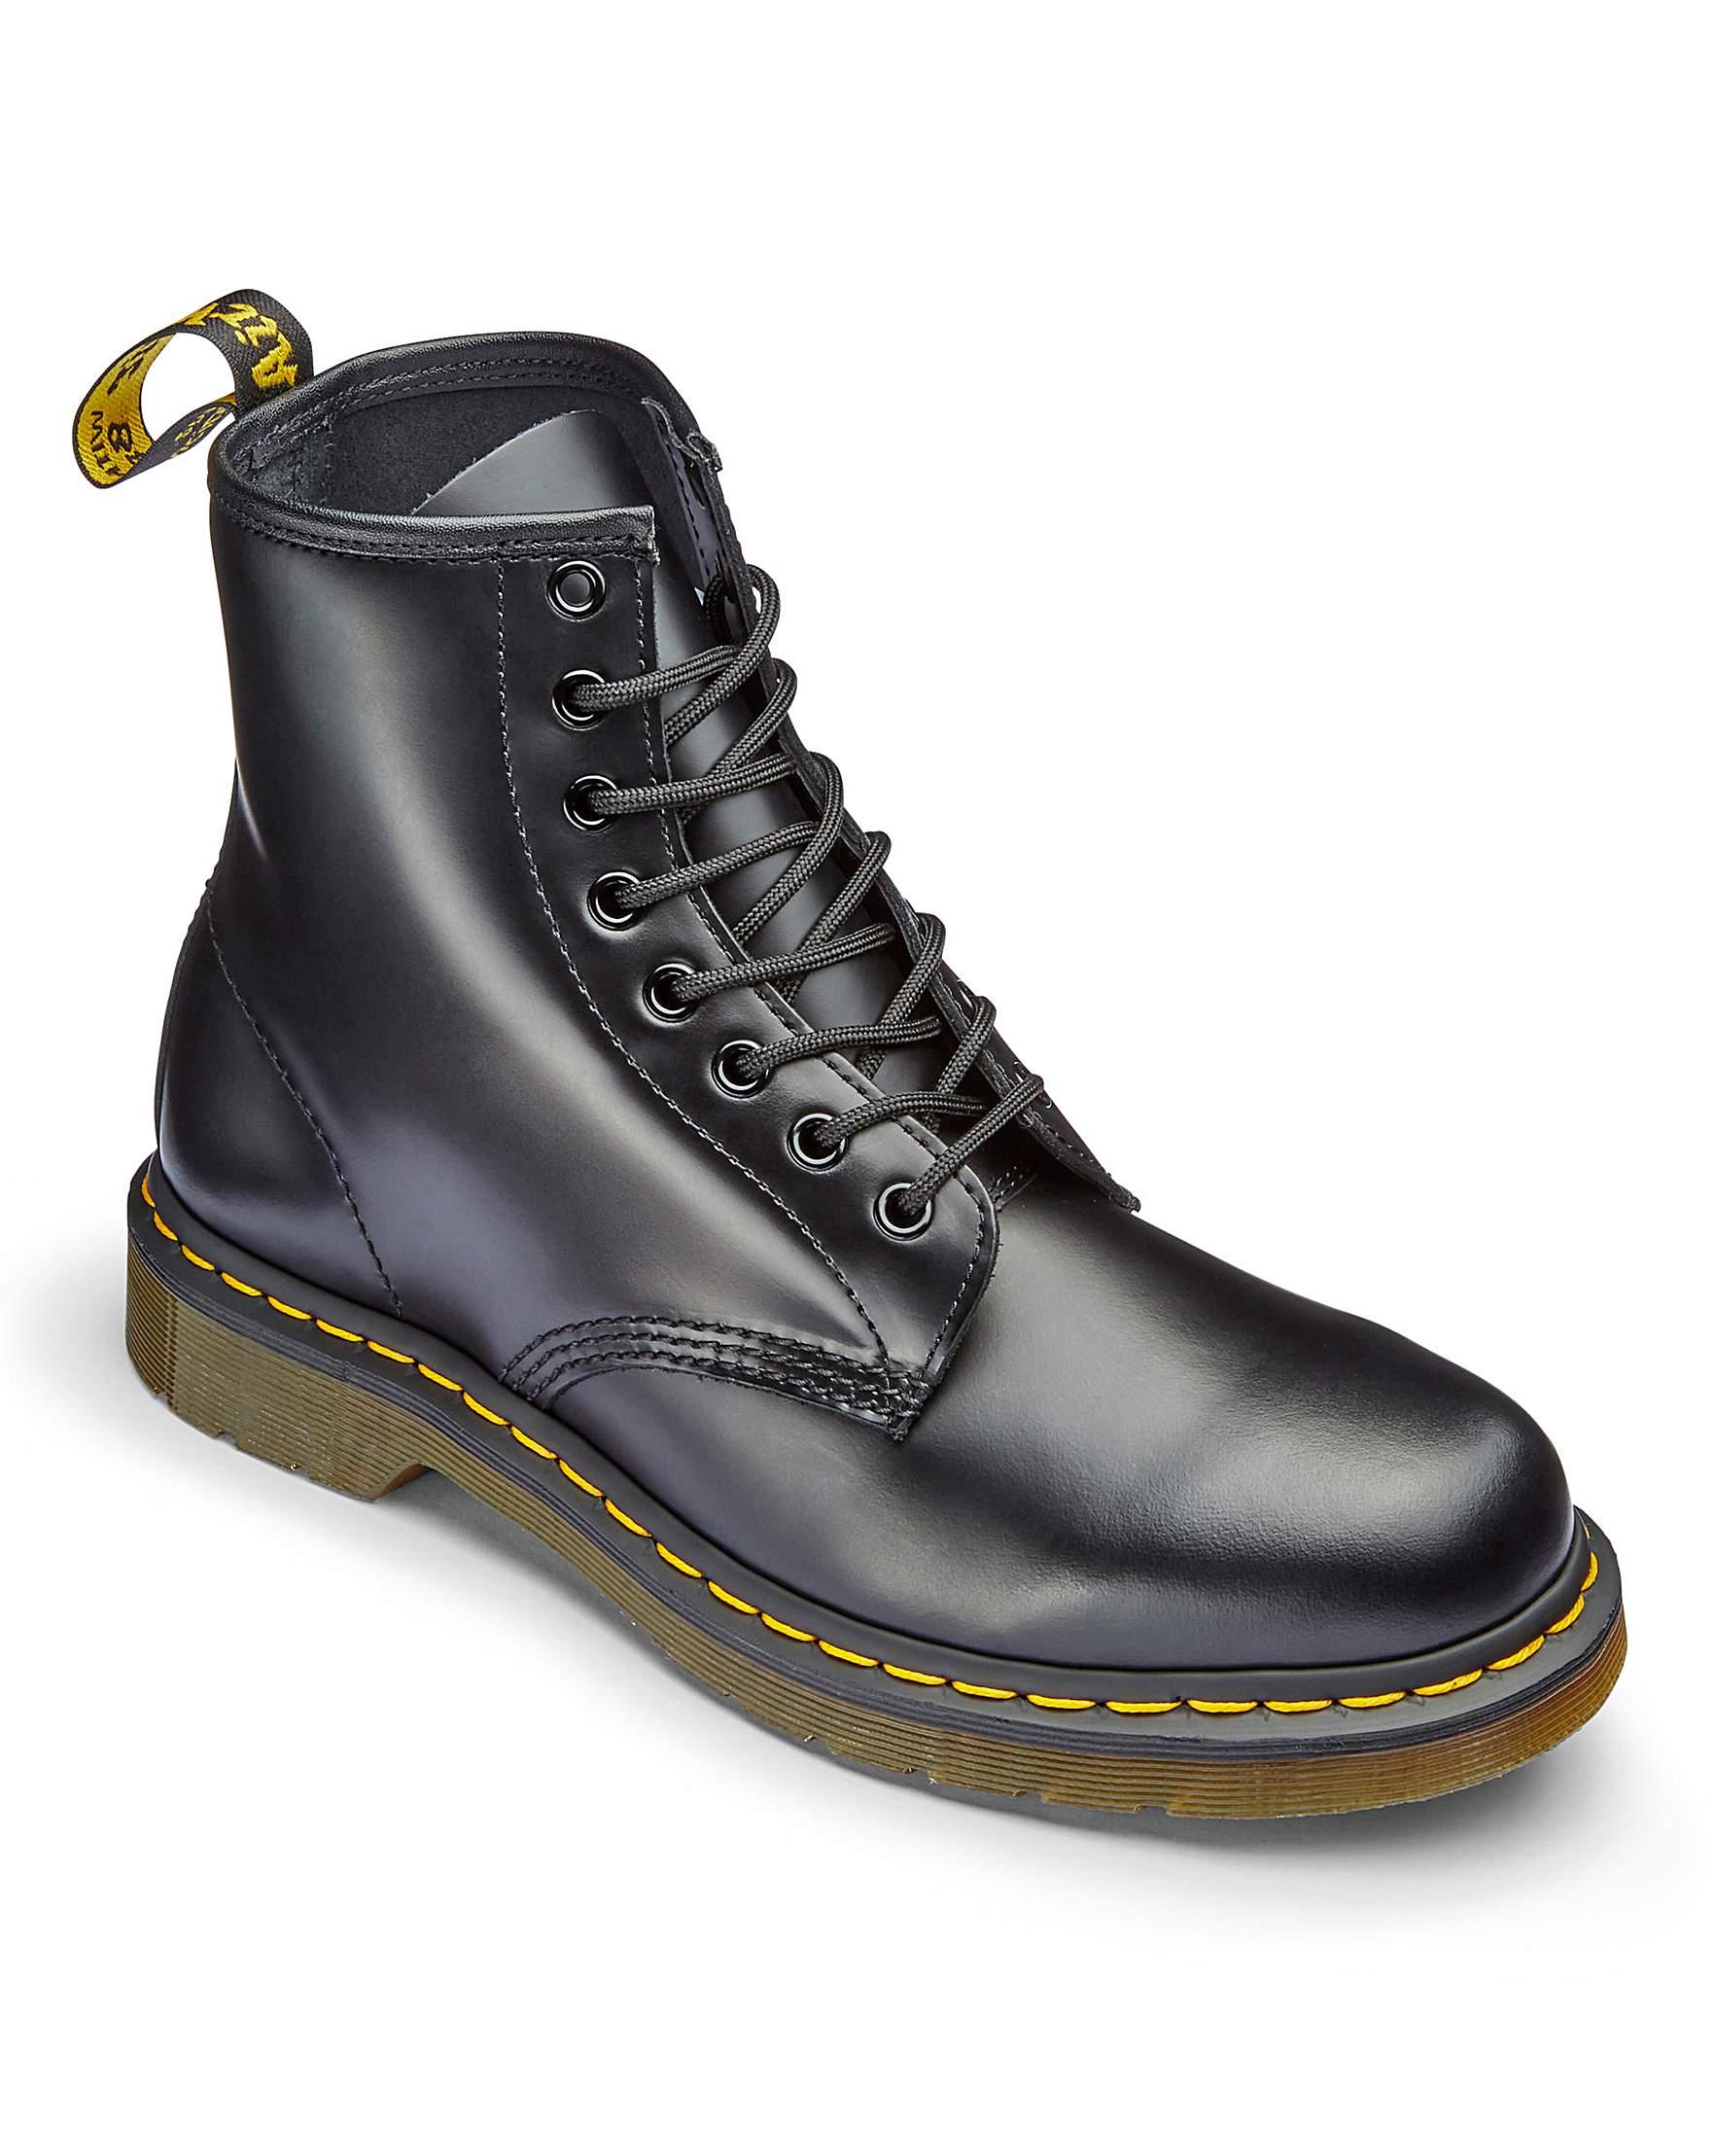 73208691a2d9 Dr Martens 1460 Boot | J D Williams